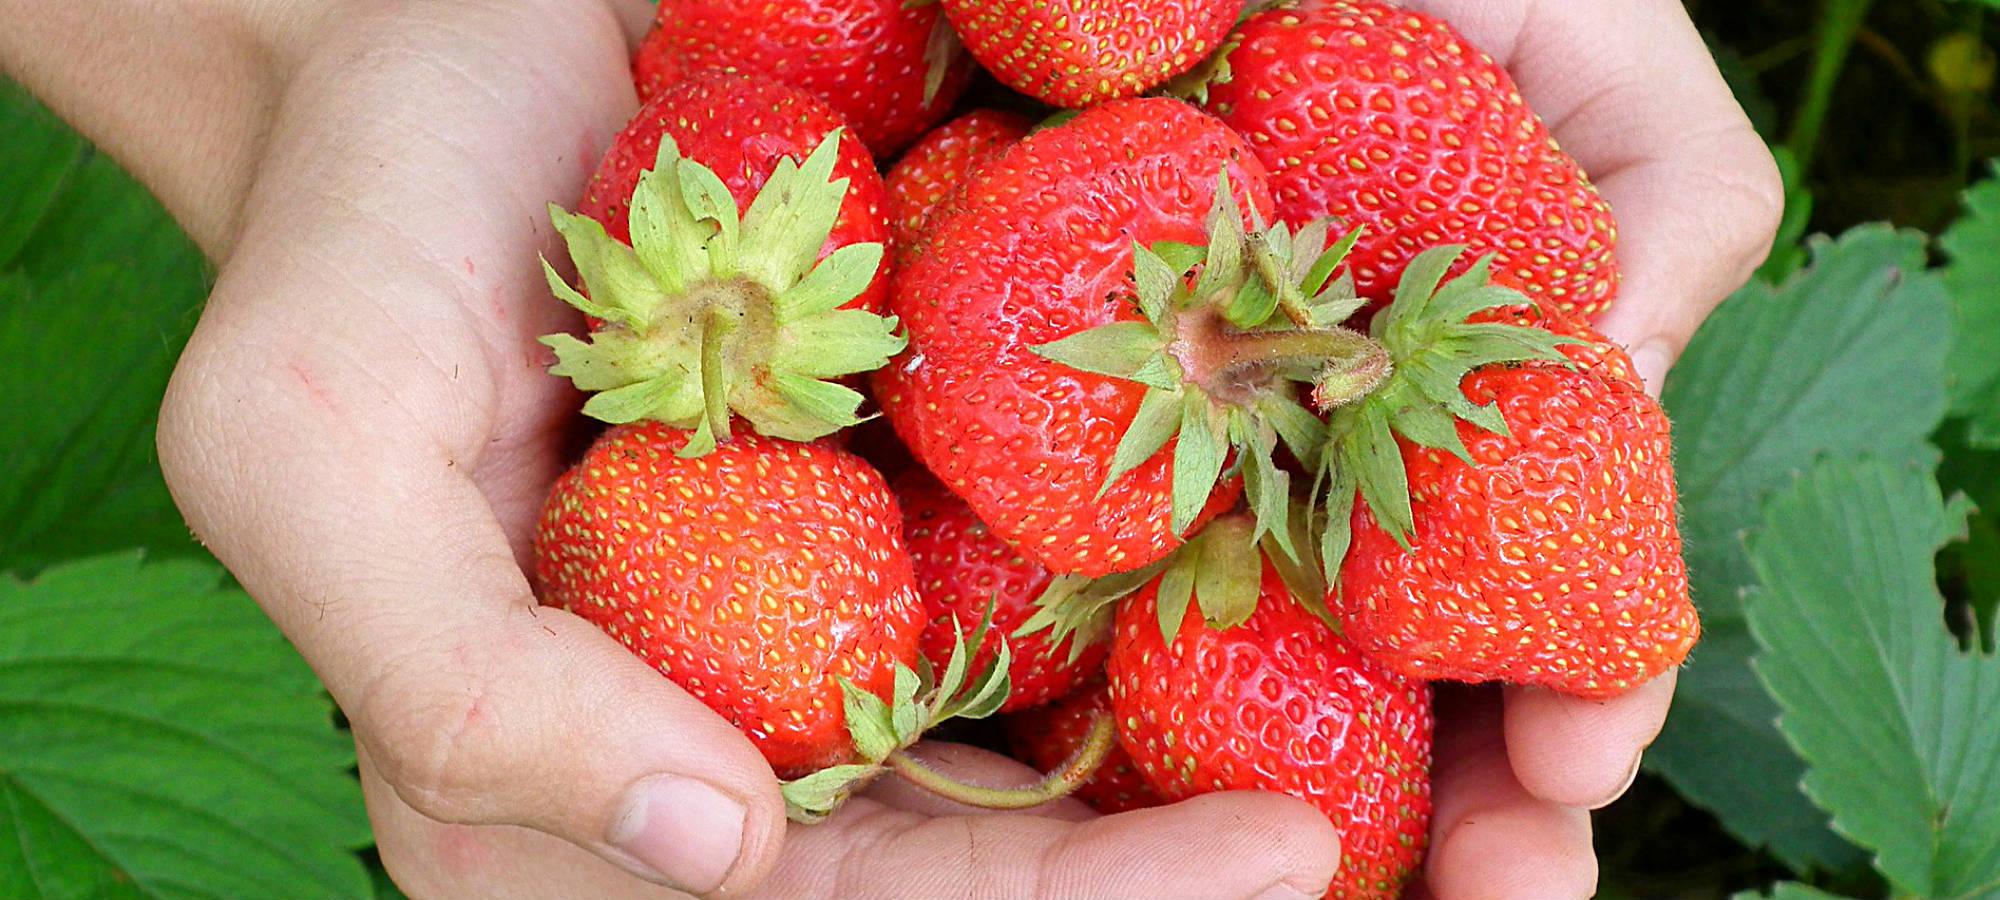 Feldfrische Erdbeeren